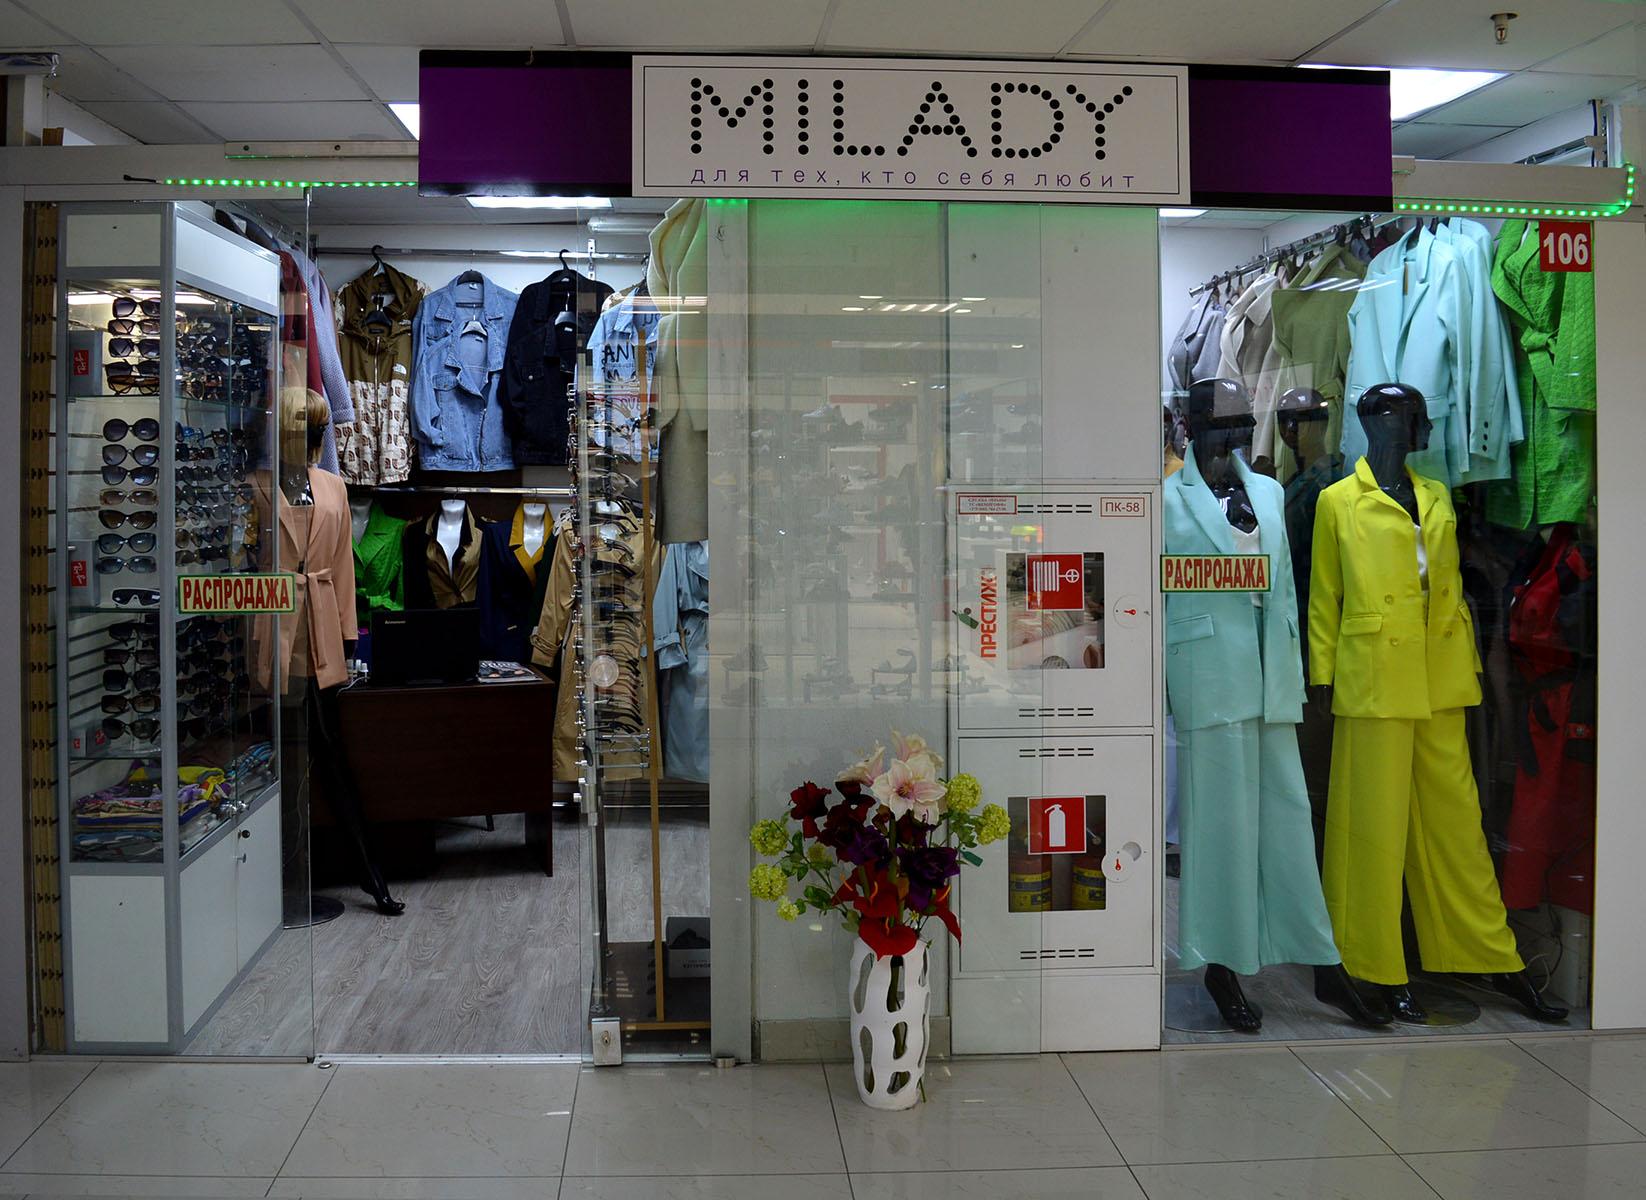 Бутик женской одежды «MILADY»  на 1-м этаже в павильоне №106